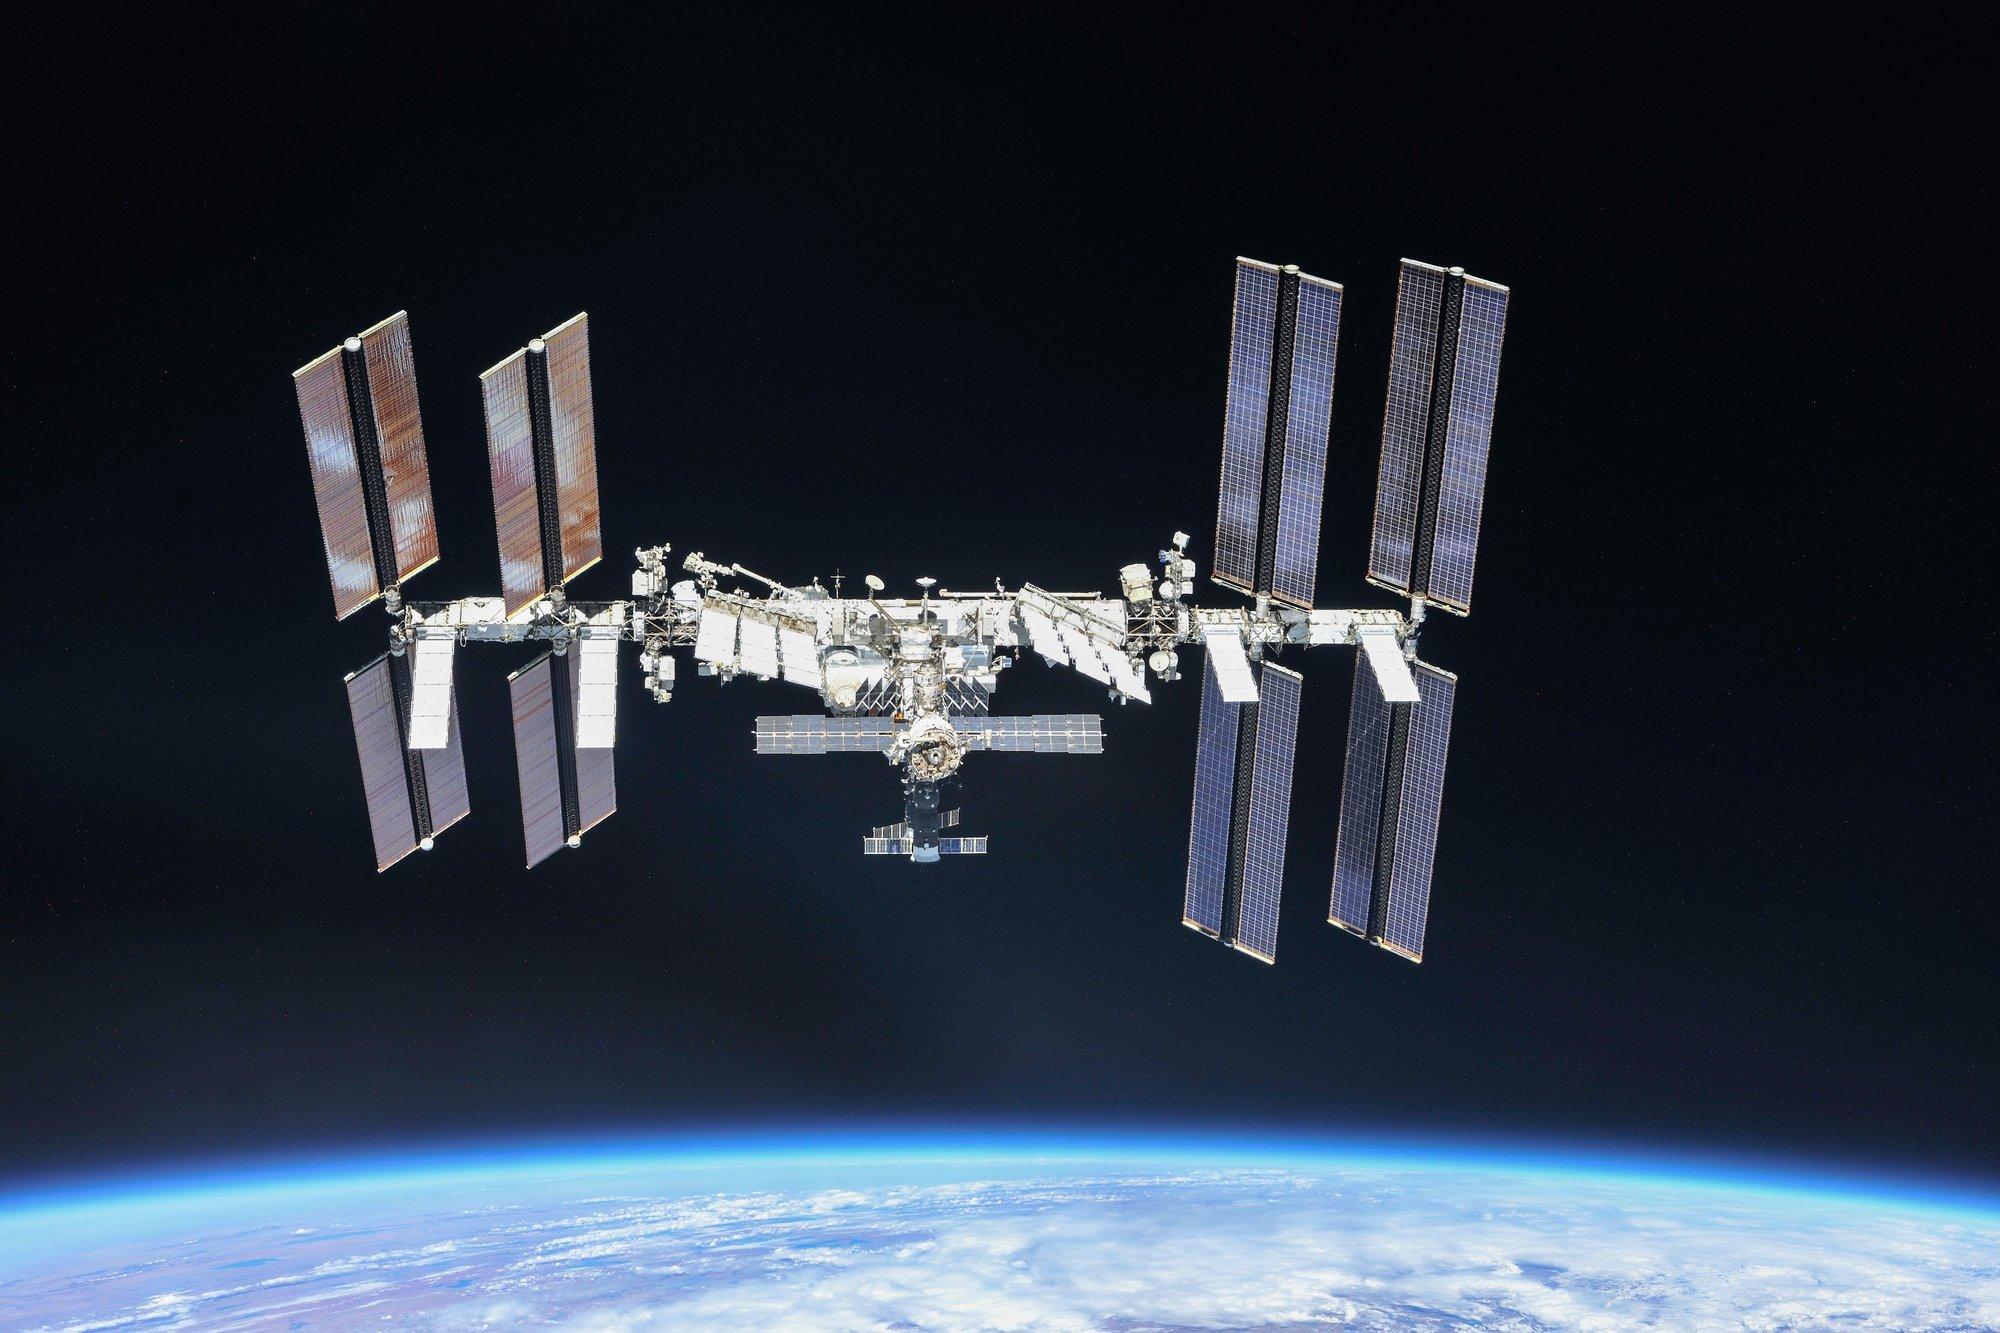 Google e NASA celebrano i 20 anni della Stazione Spaziale Internazionale